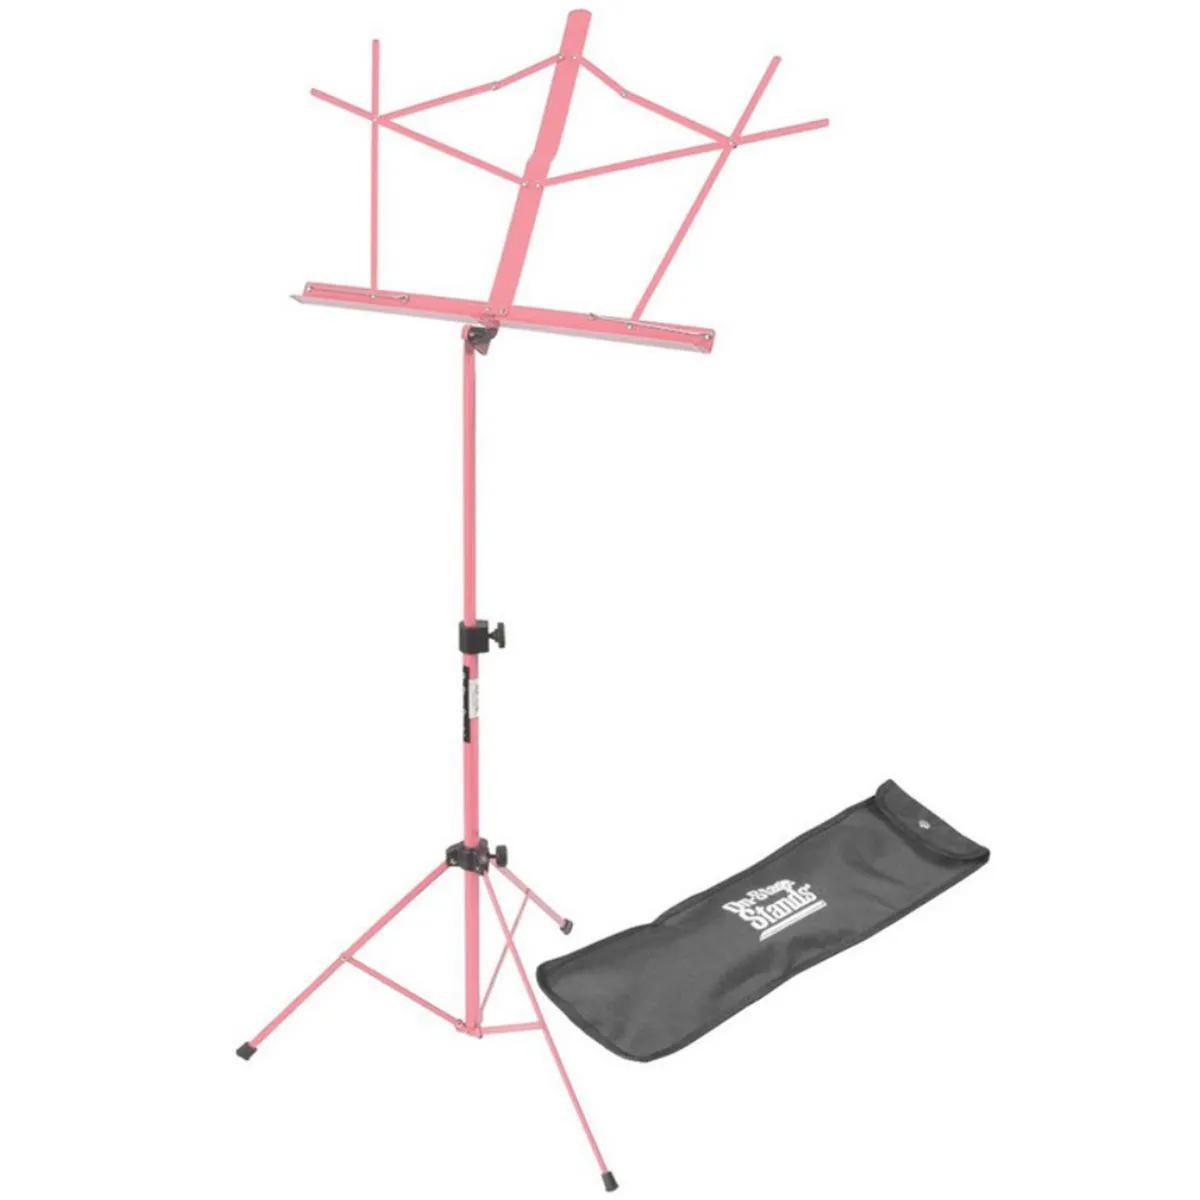 Estante de Partitura On-Stage Stands SM7122 Rosa com Bag